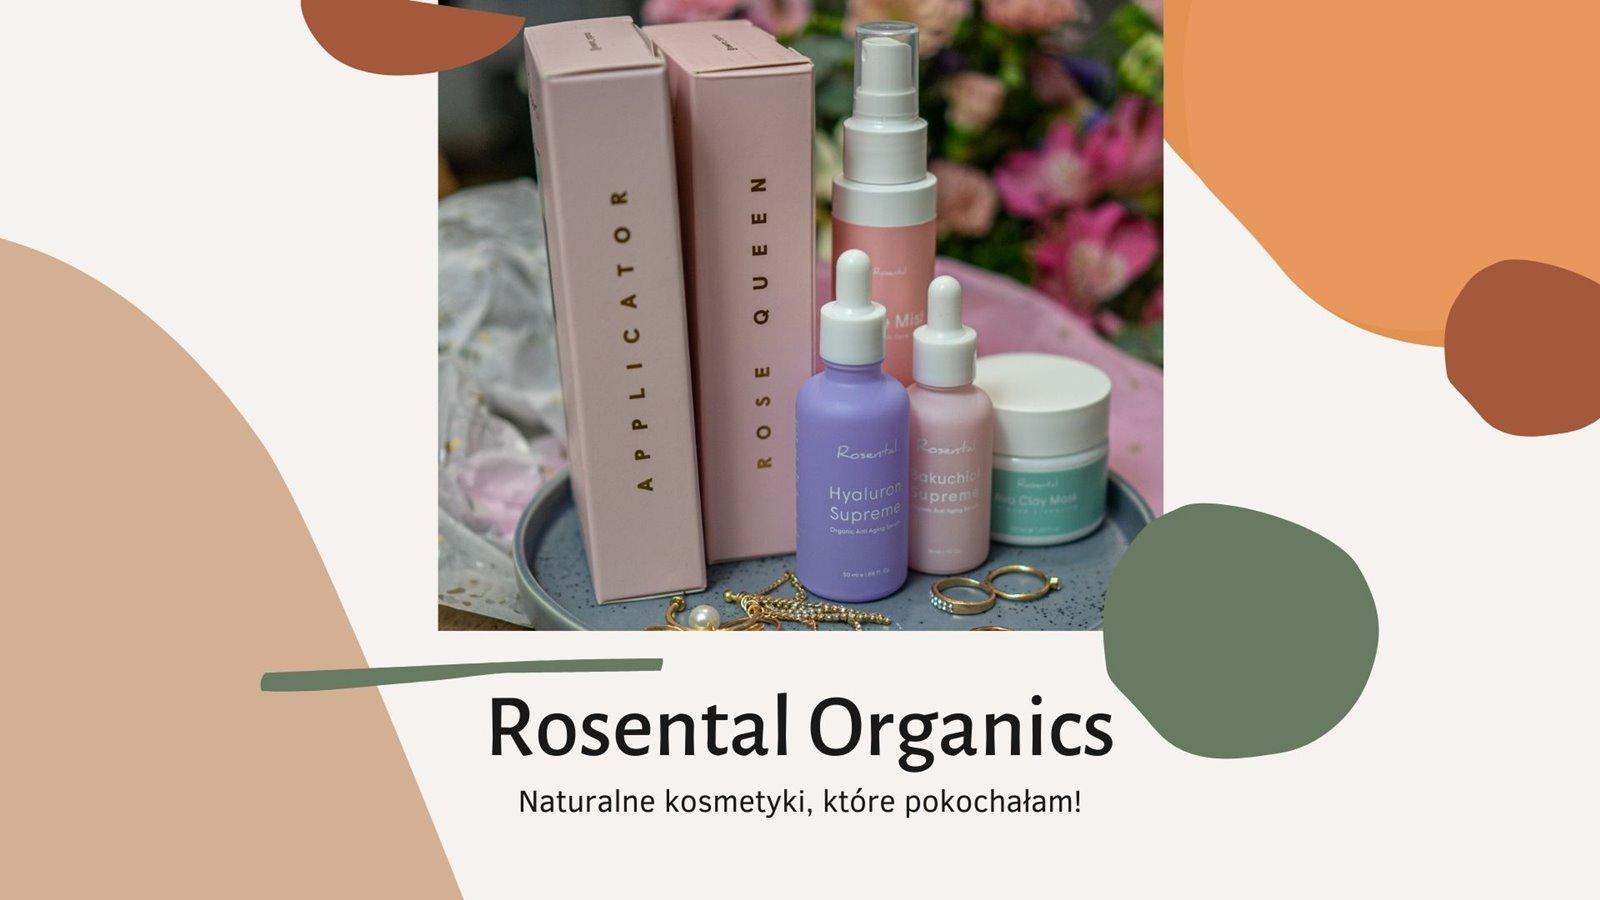 1 naturalne kosmetyki nietestowane na zwięrzetach rosental organics - moja opinia i recenzja dlaczego warto używać kosmetyków naturalnych do twarzy, jakie naturalne kosmetyki polecacie